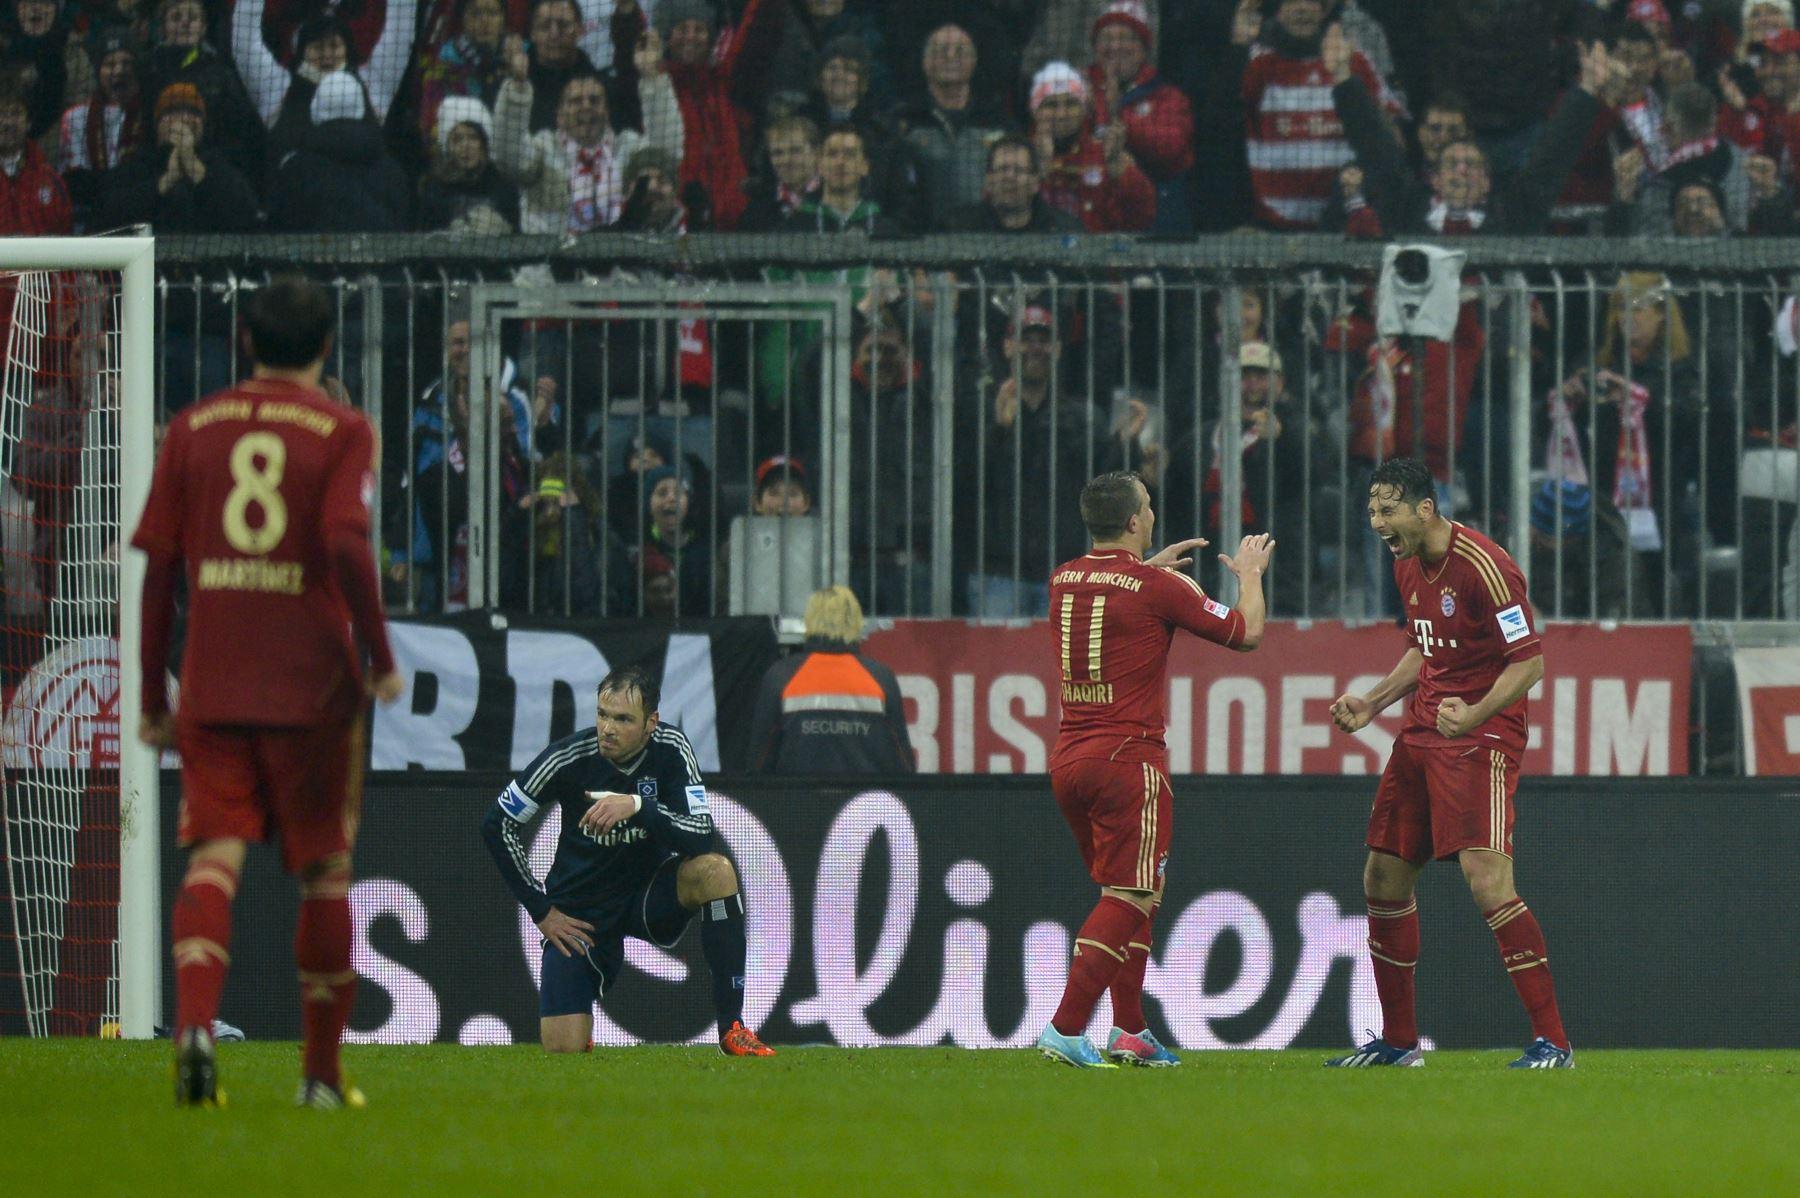 El delantero peruano del Bayern Munich, Claudio Pizarro, celebra su quinto gol con el centrocampista suizo del Bayern Munich, Xherdna Shaqiri, durante el partido de fútbol de la Bundesliga de primera división alemana entre FC Bayern vs Hamburger SV, el 30 de marzo de 2013; en Munich. Foto: AFP